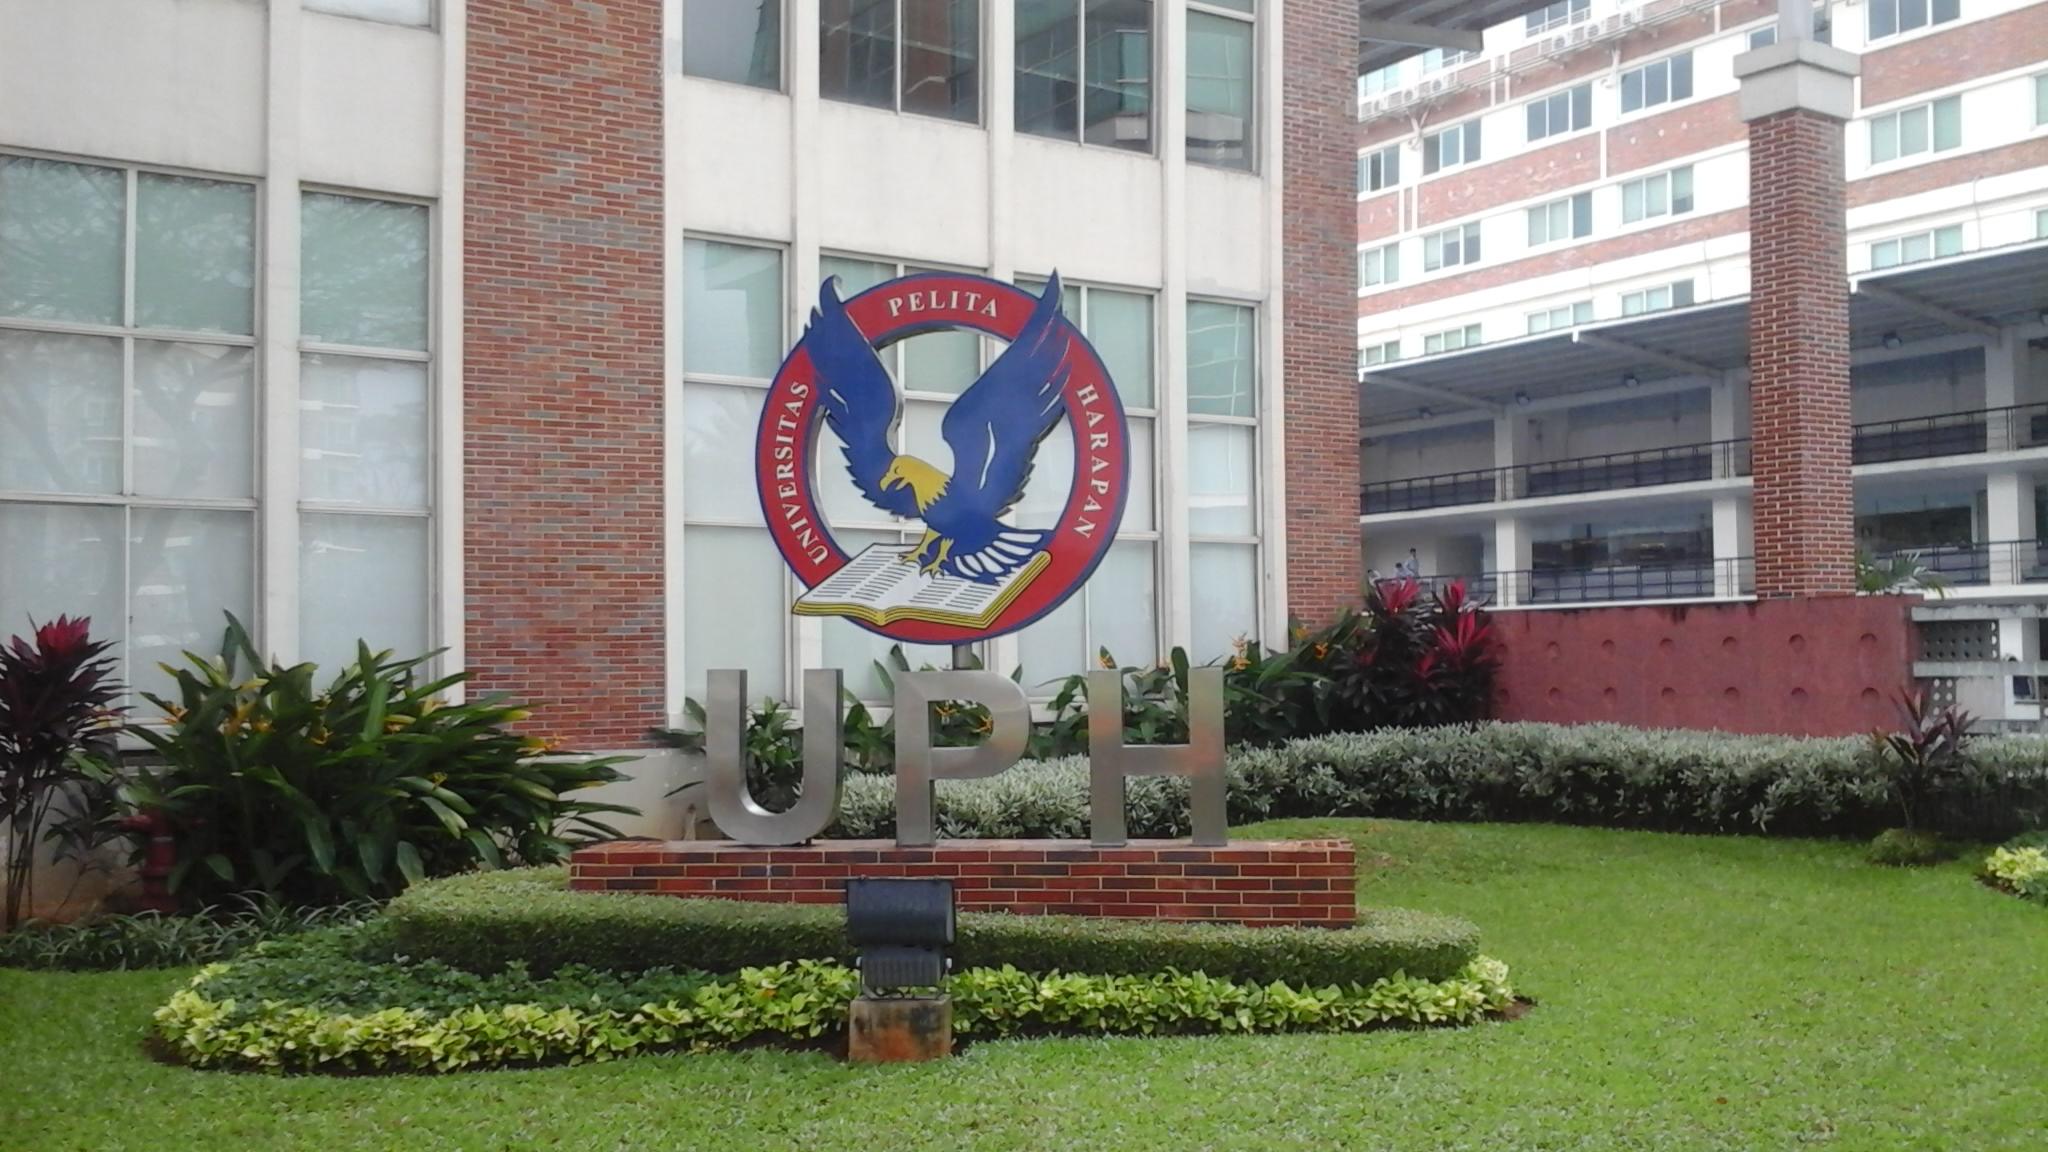 Biaya Kuliah UPH Jakarta 2020/2021 Universitas Pelita Harapan